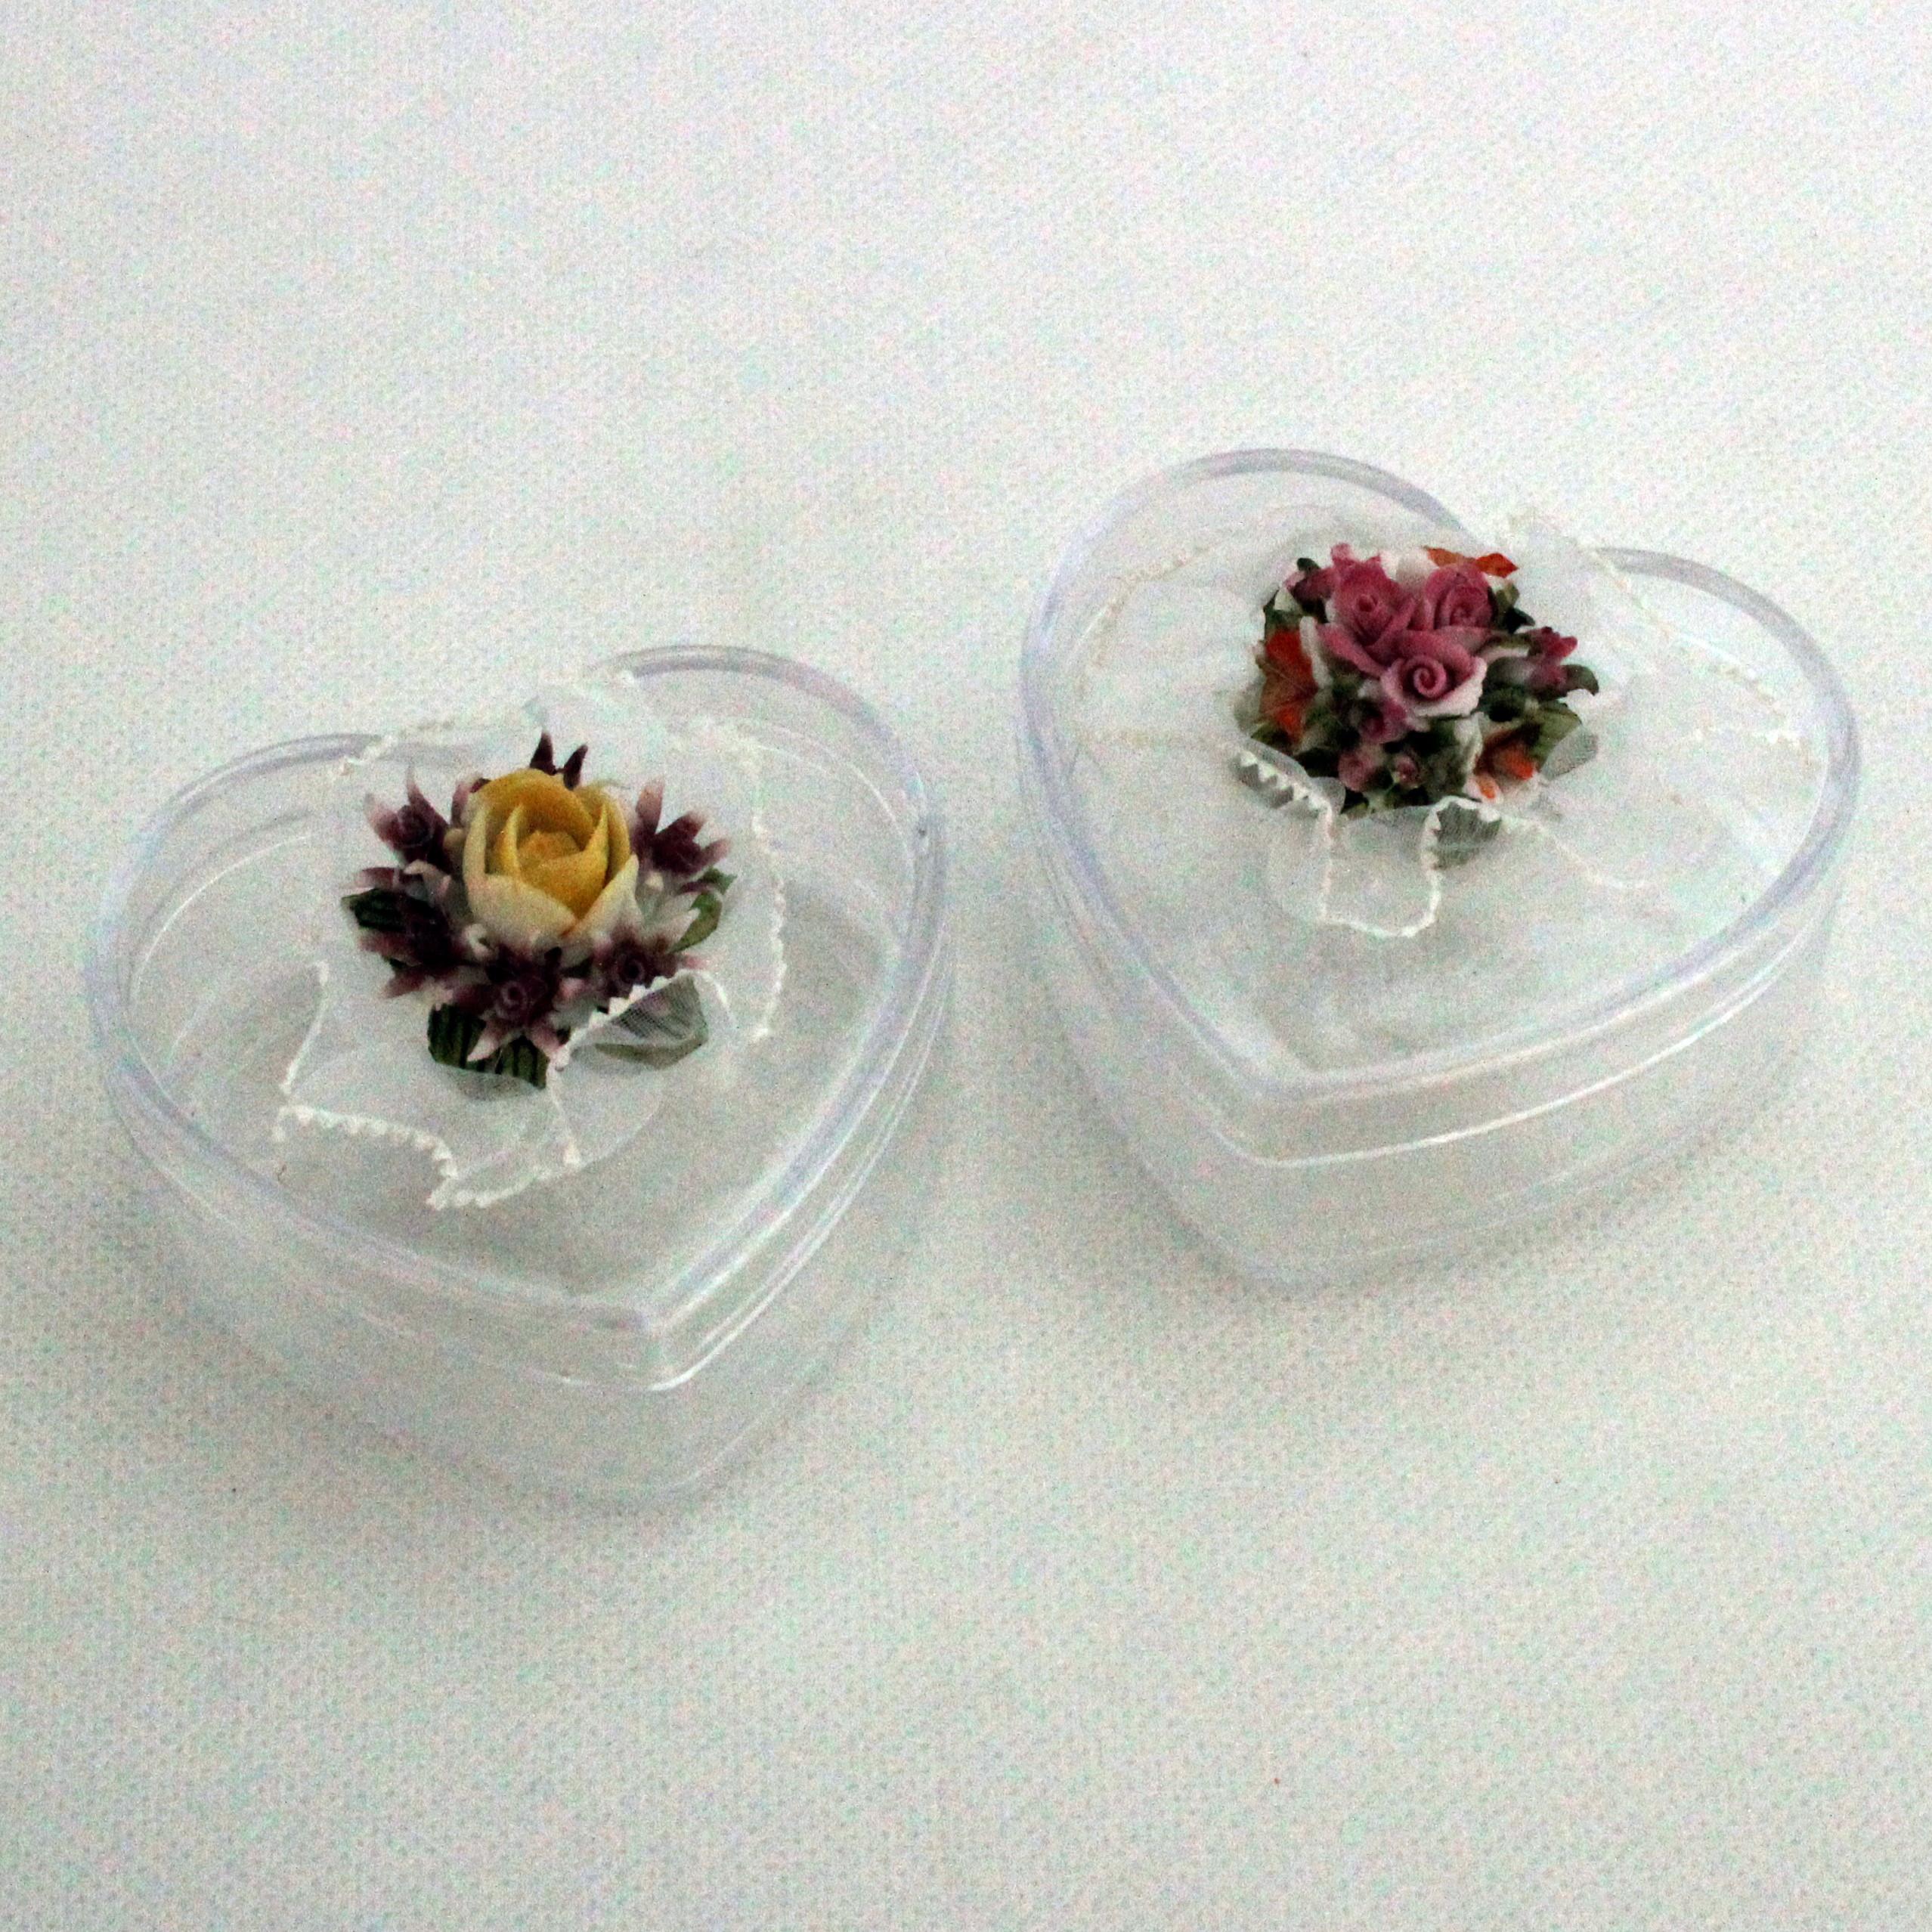 Scatolina cuore in plastica rigida con fiore in ceramica (kit 24 pezzi)